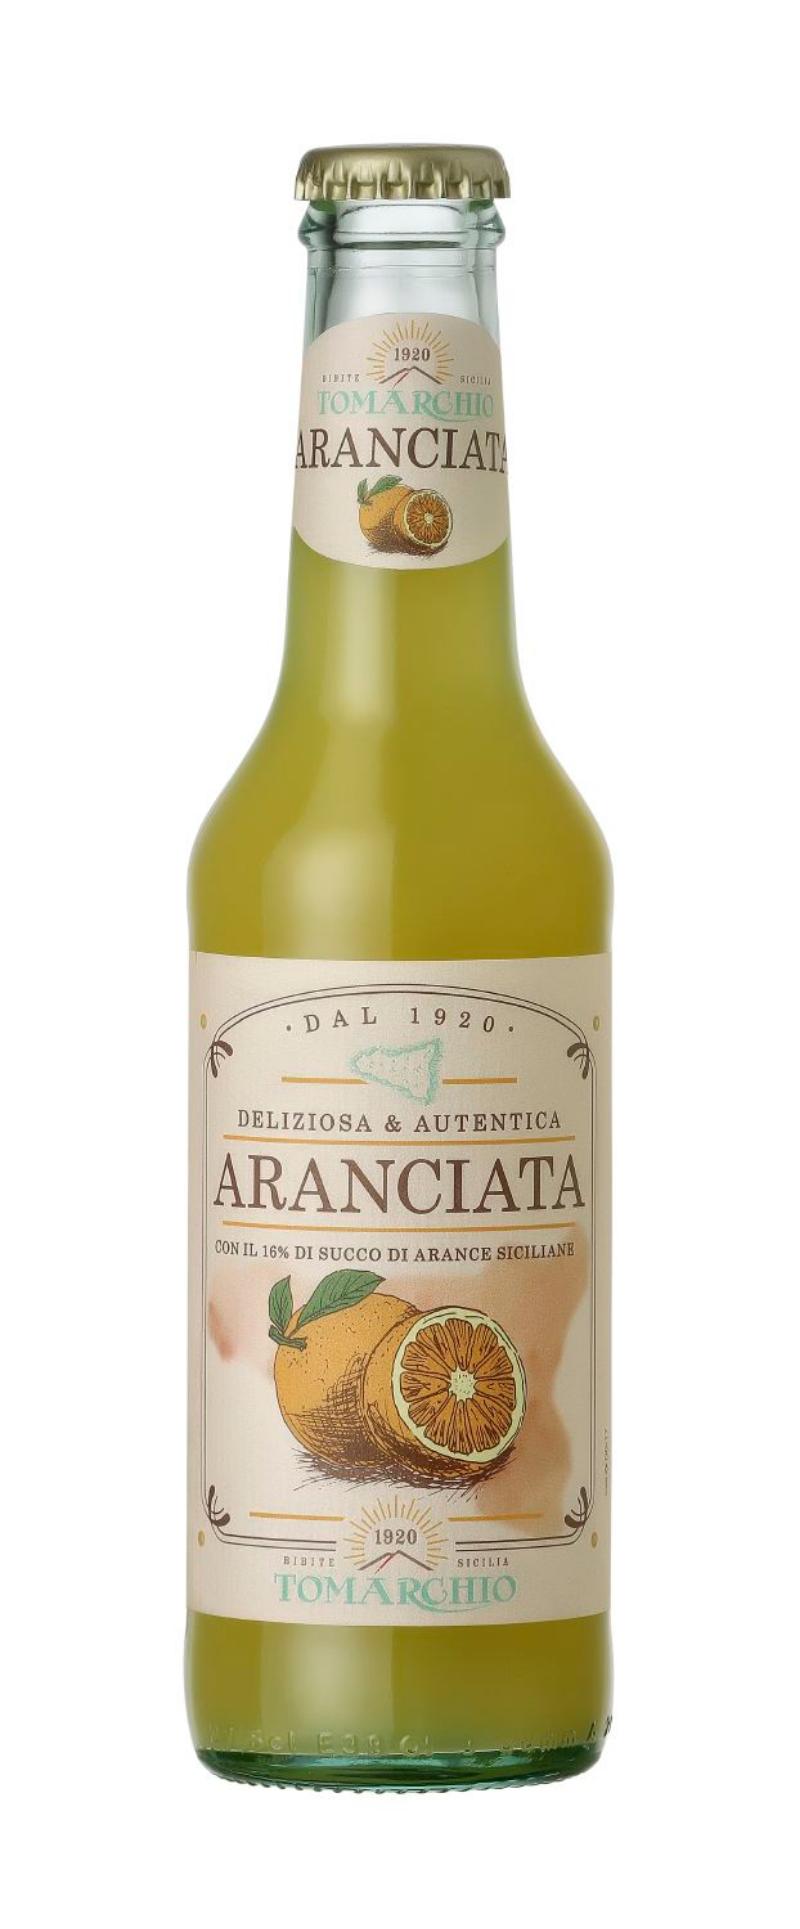 Aranciata